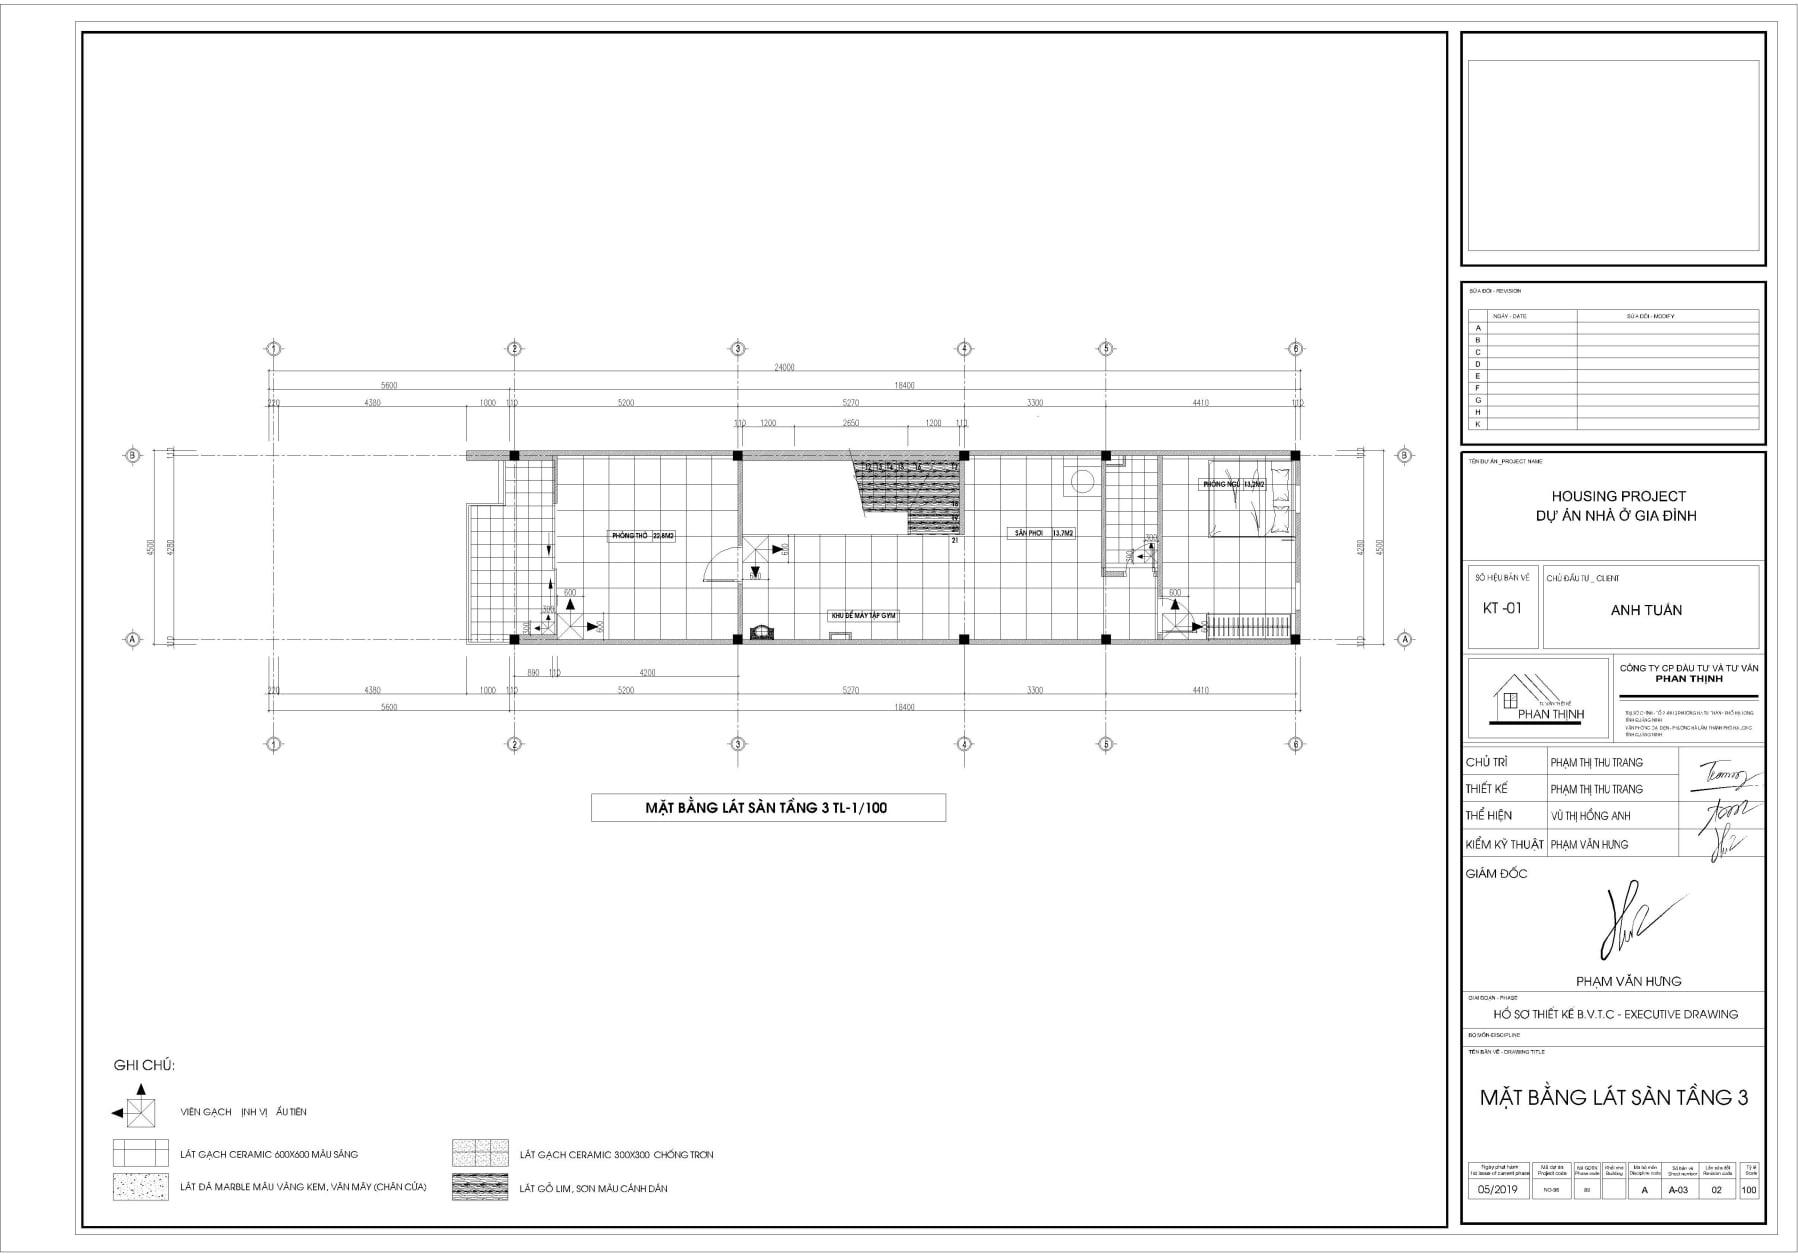 Bản vẽ thiết kế mặt bằng lát sàn tầng 3